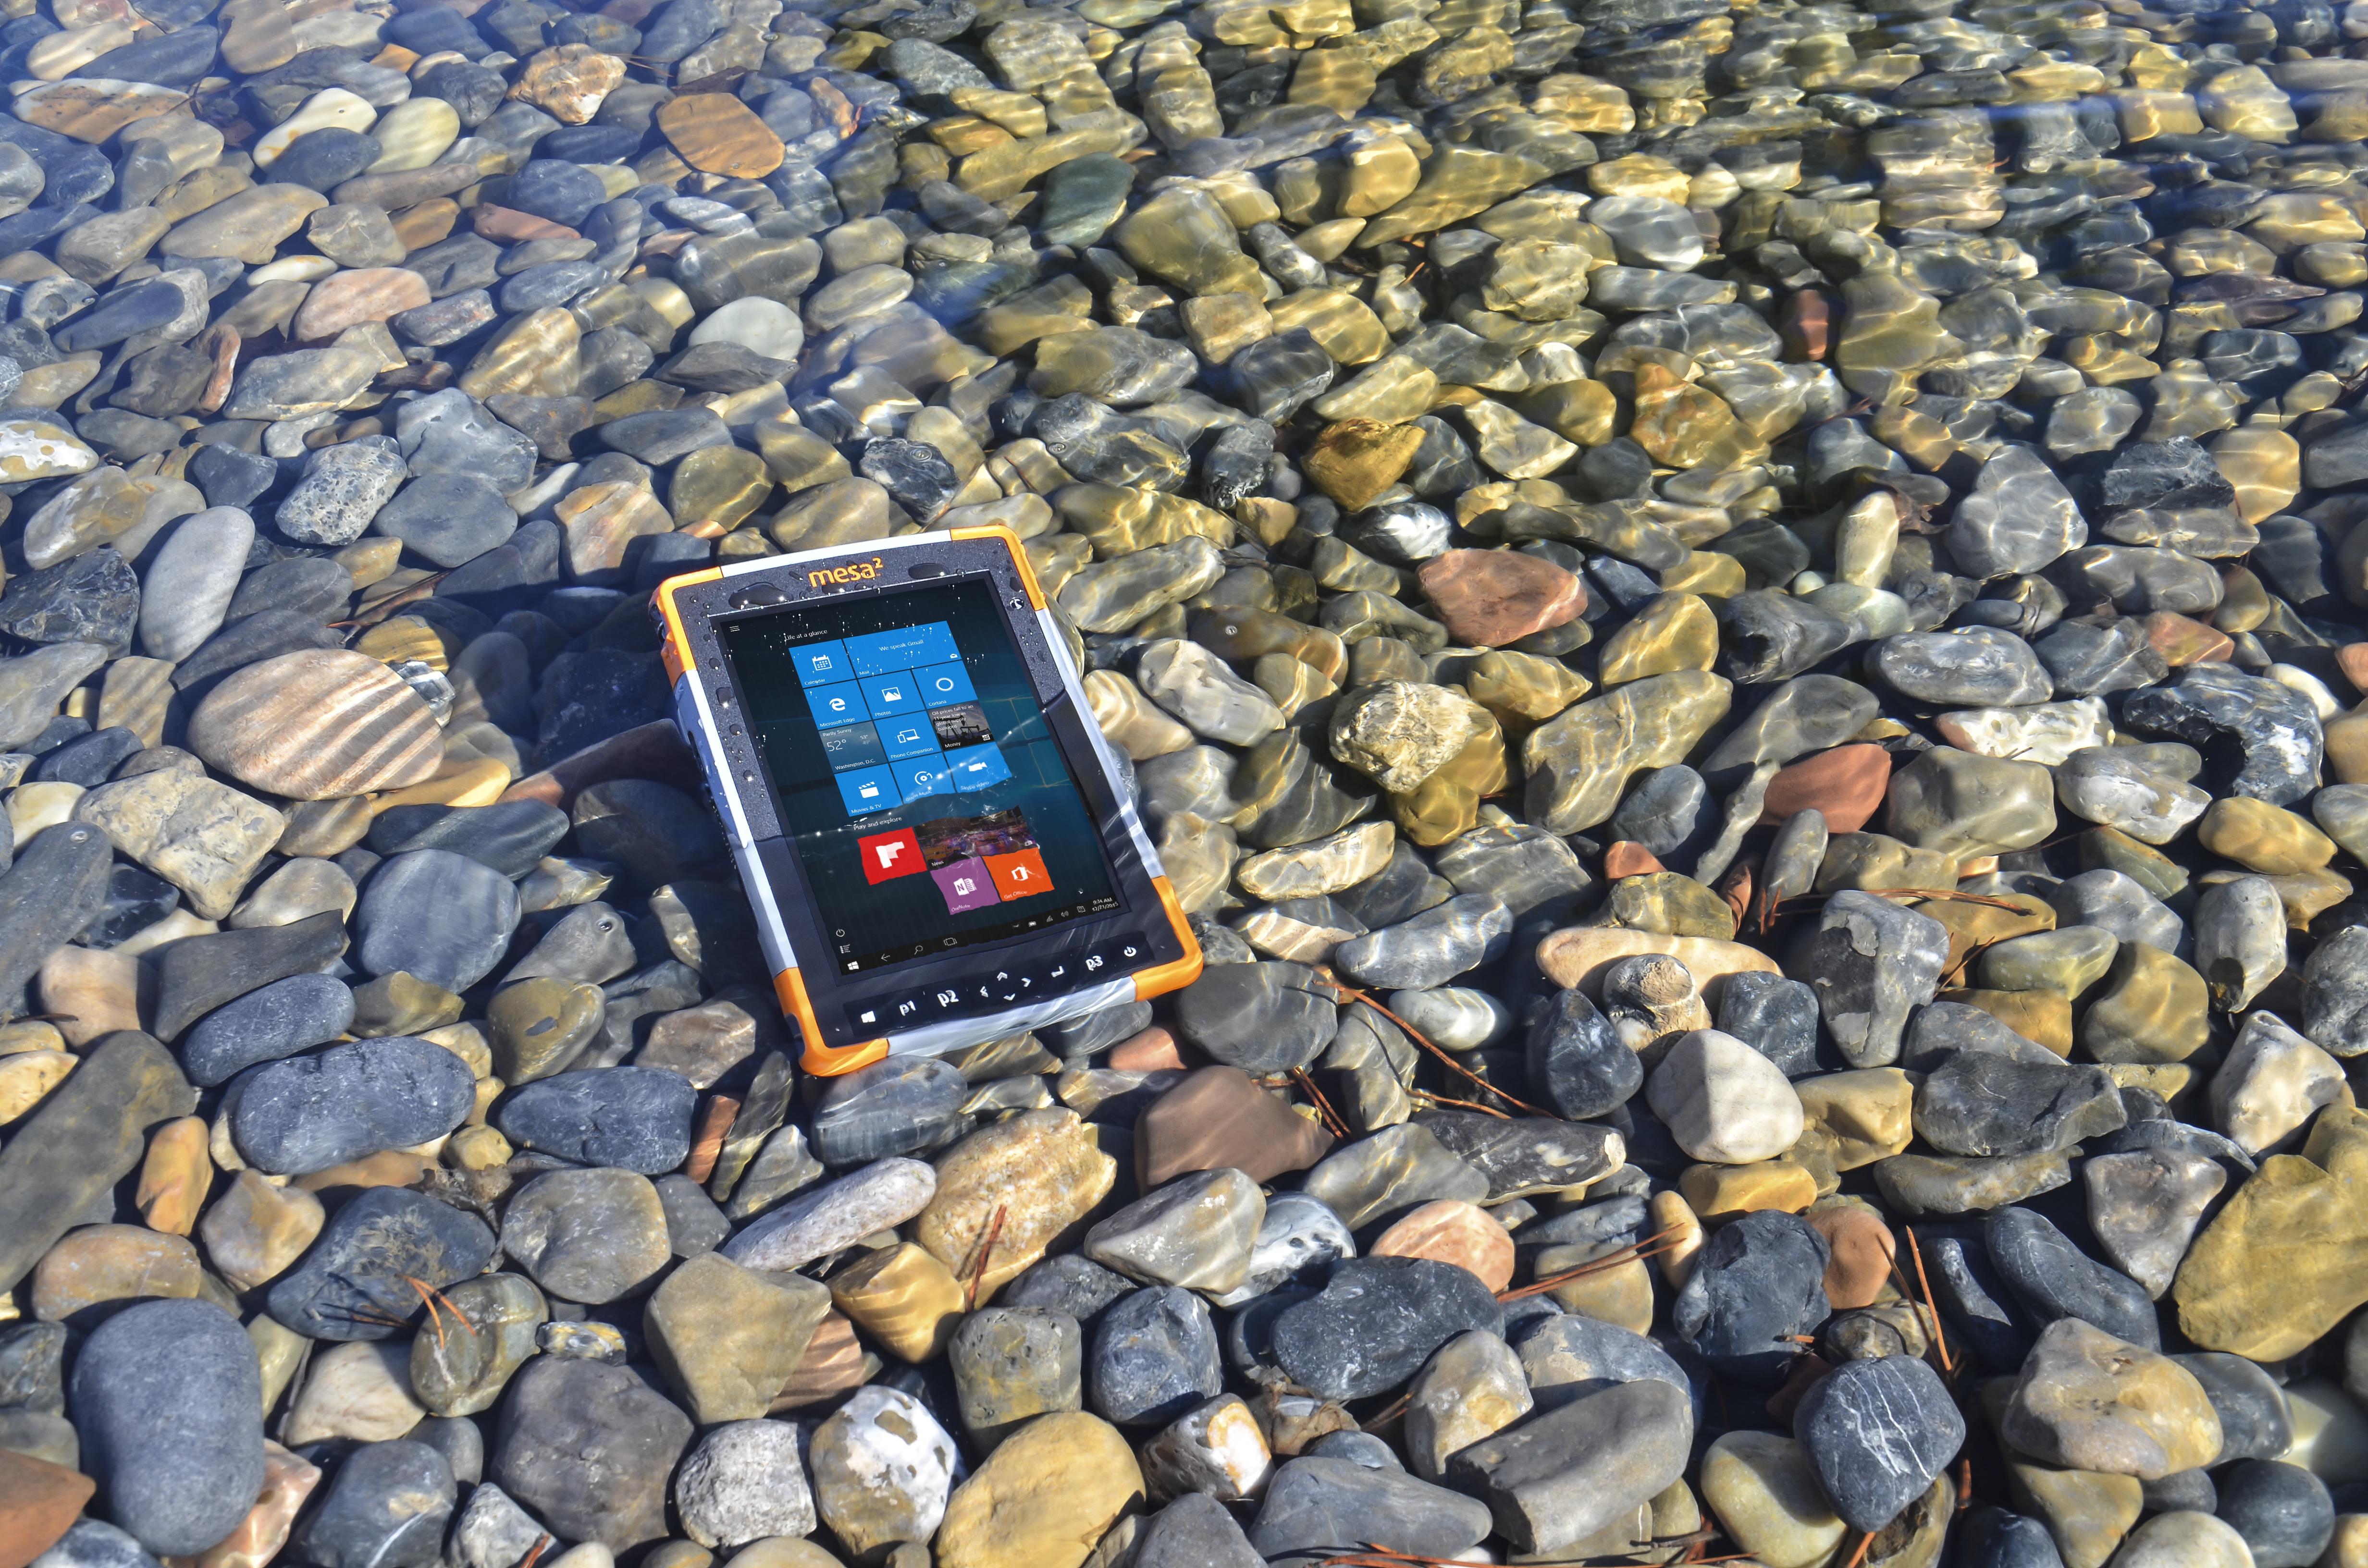 juniper systems mesa 2 rugged tablet